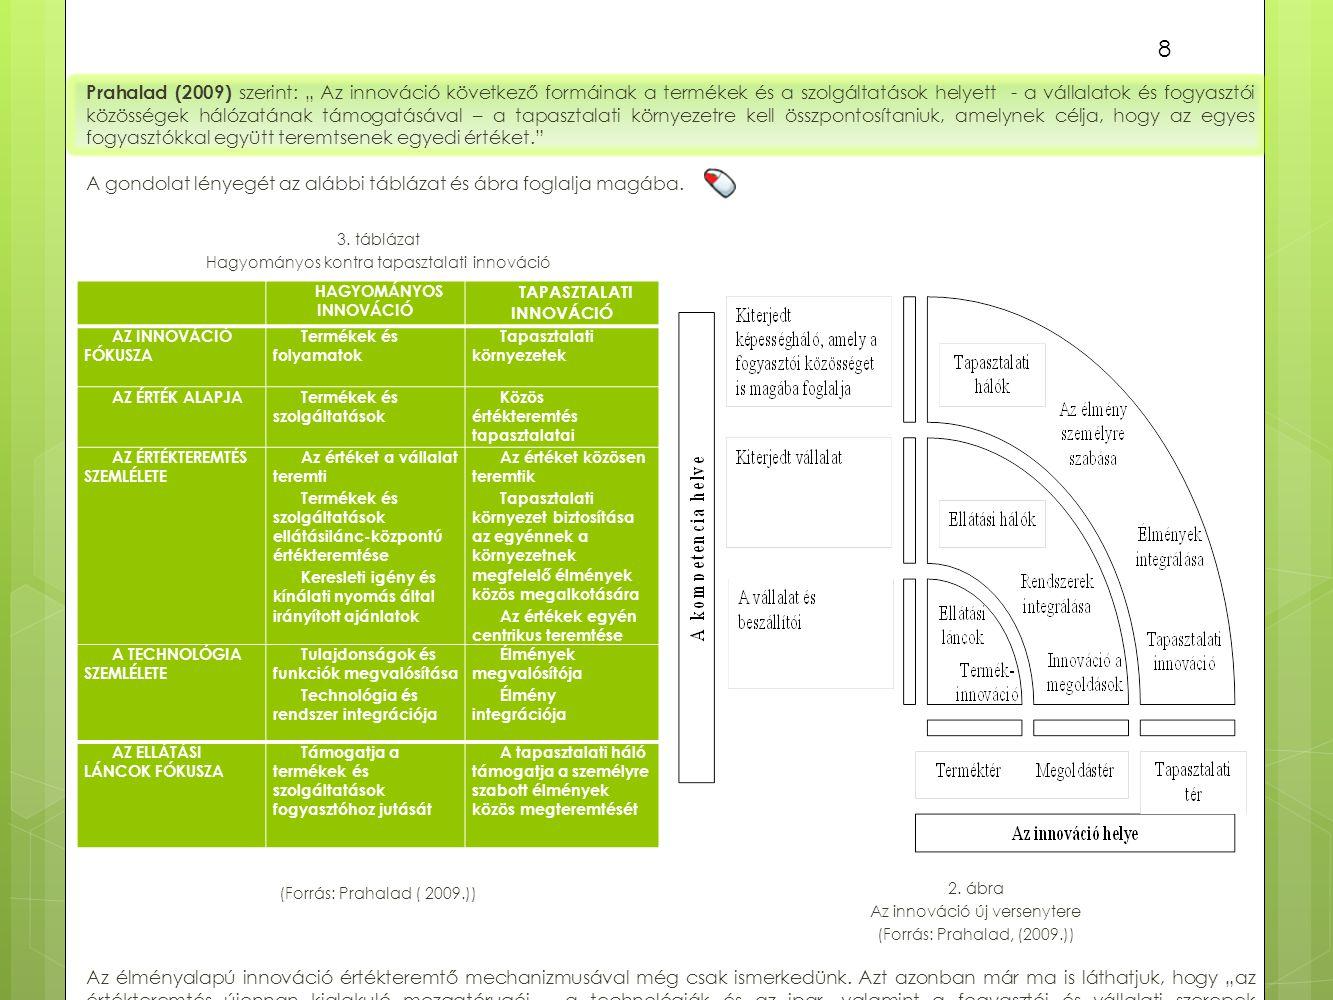 1.1.5.Kérdések: 1. Ismertesse Schumpeter által megfogalmazott innovációk lényegét.